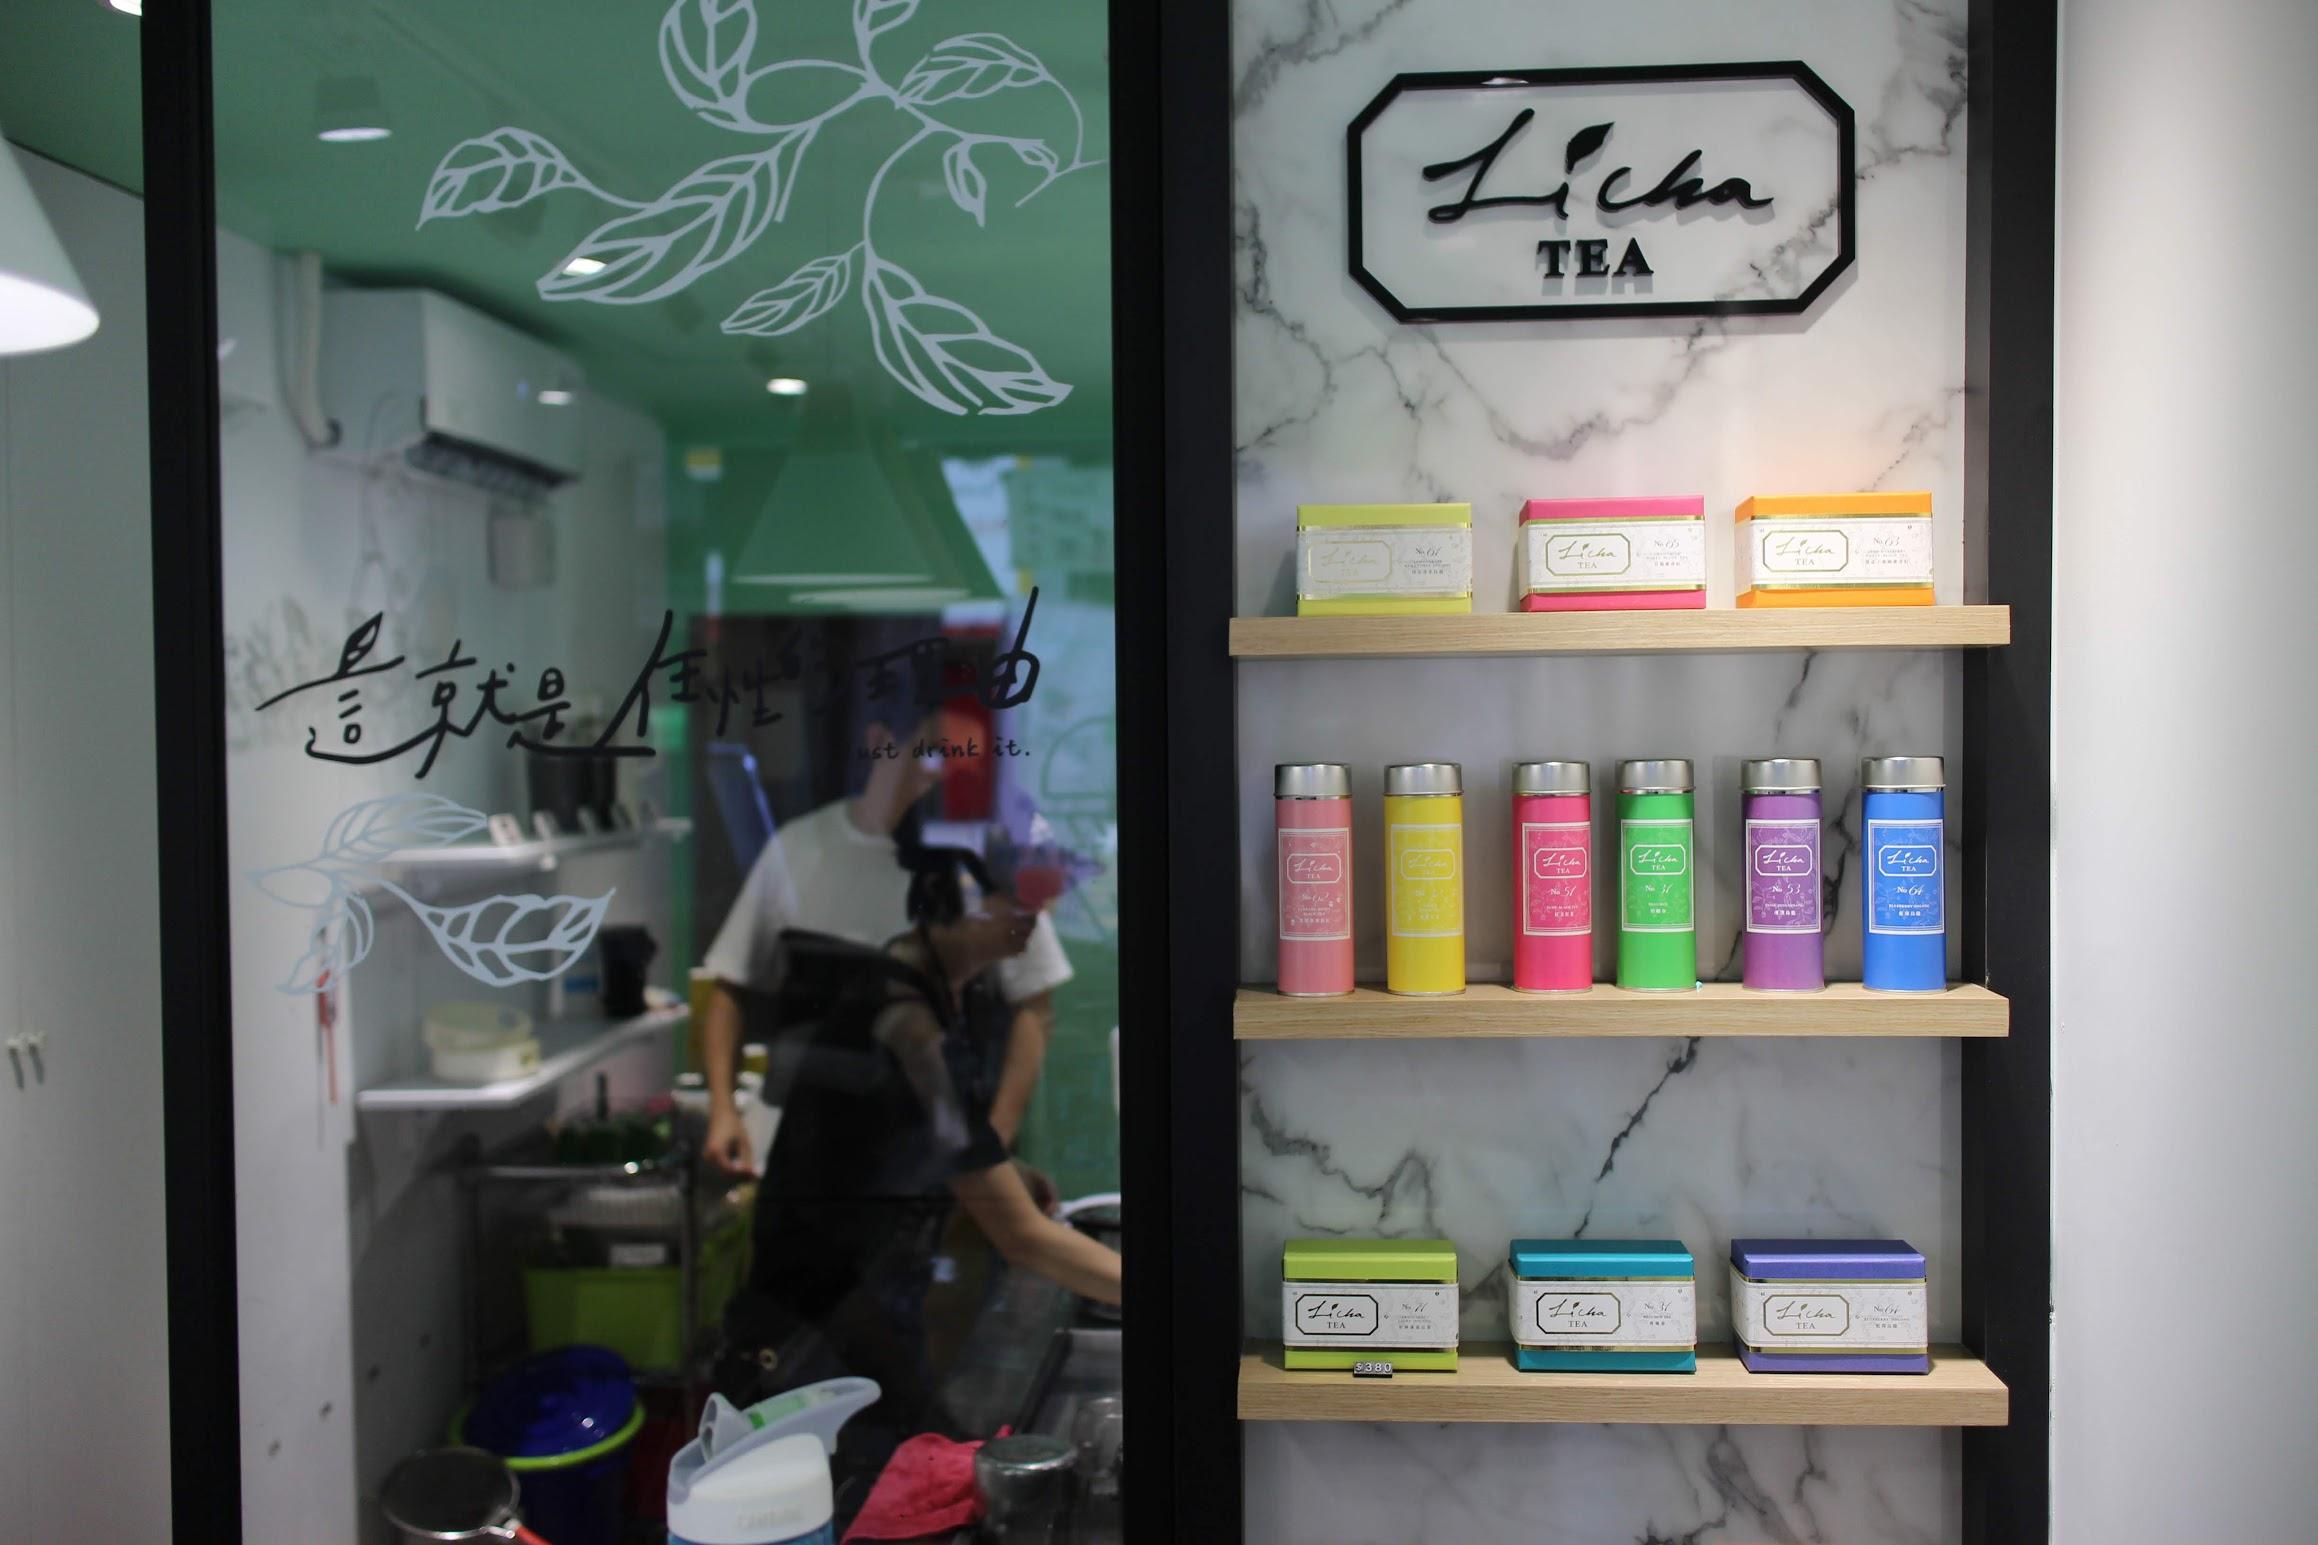 第三彈!超有個性的優質手搖飲~禮采芙新店店,這次的茶品也是很令人驚艷啊!果然一樣好喝! @秤瓶樂遊遊